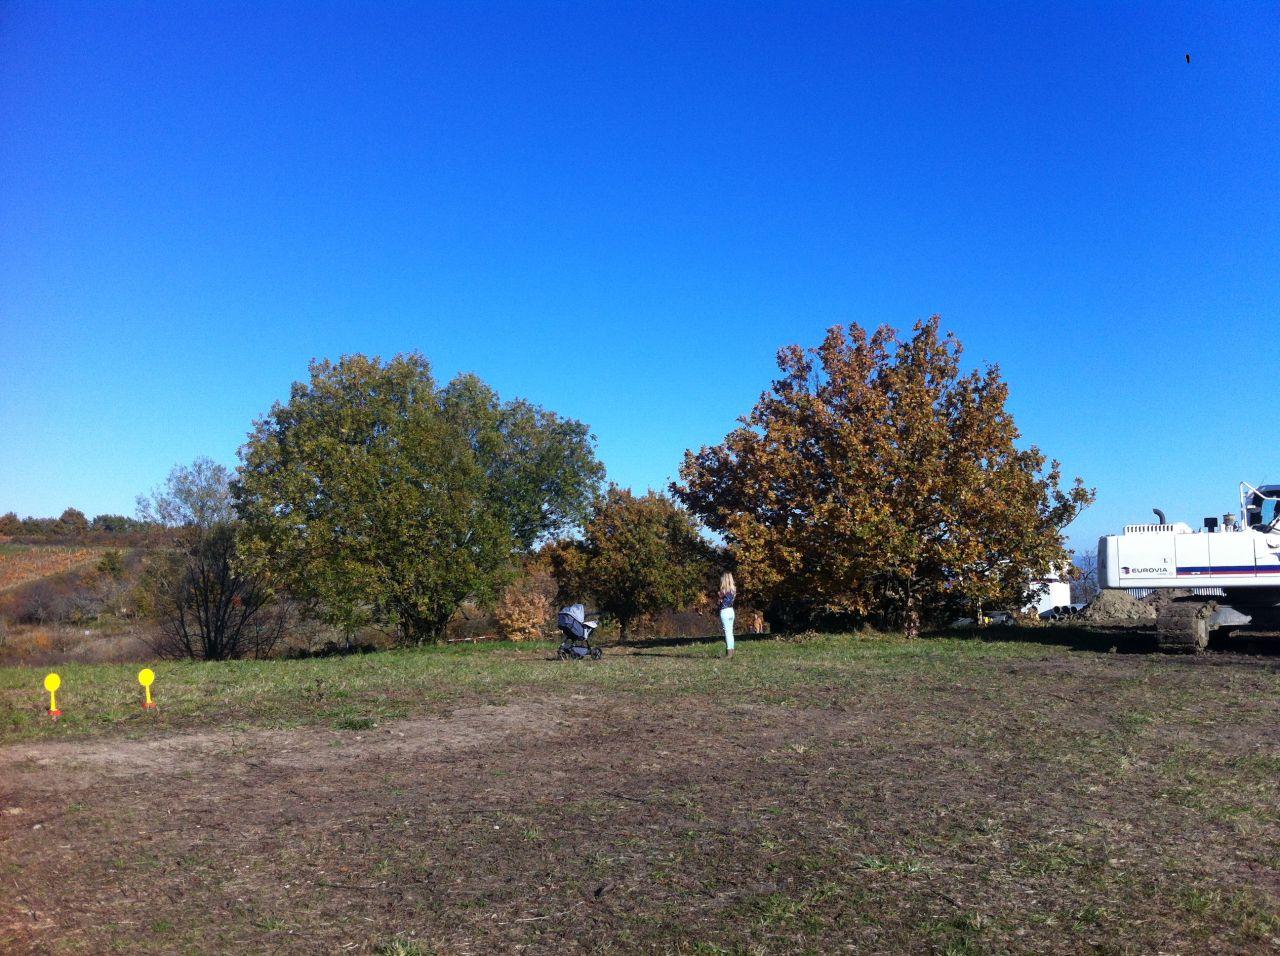 ici une Photo de l'automne dernier, le terrain fait 530m². <br /> On aurait aimé un peu plus grand mais bon question de budget on a choisi un terrain a peu près plat et dans notre budget  <br /> On peut y voir 2 arbres que nous allons devoir Abattre.